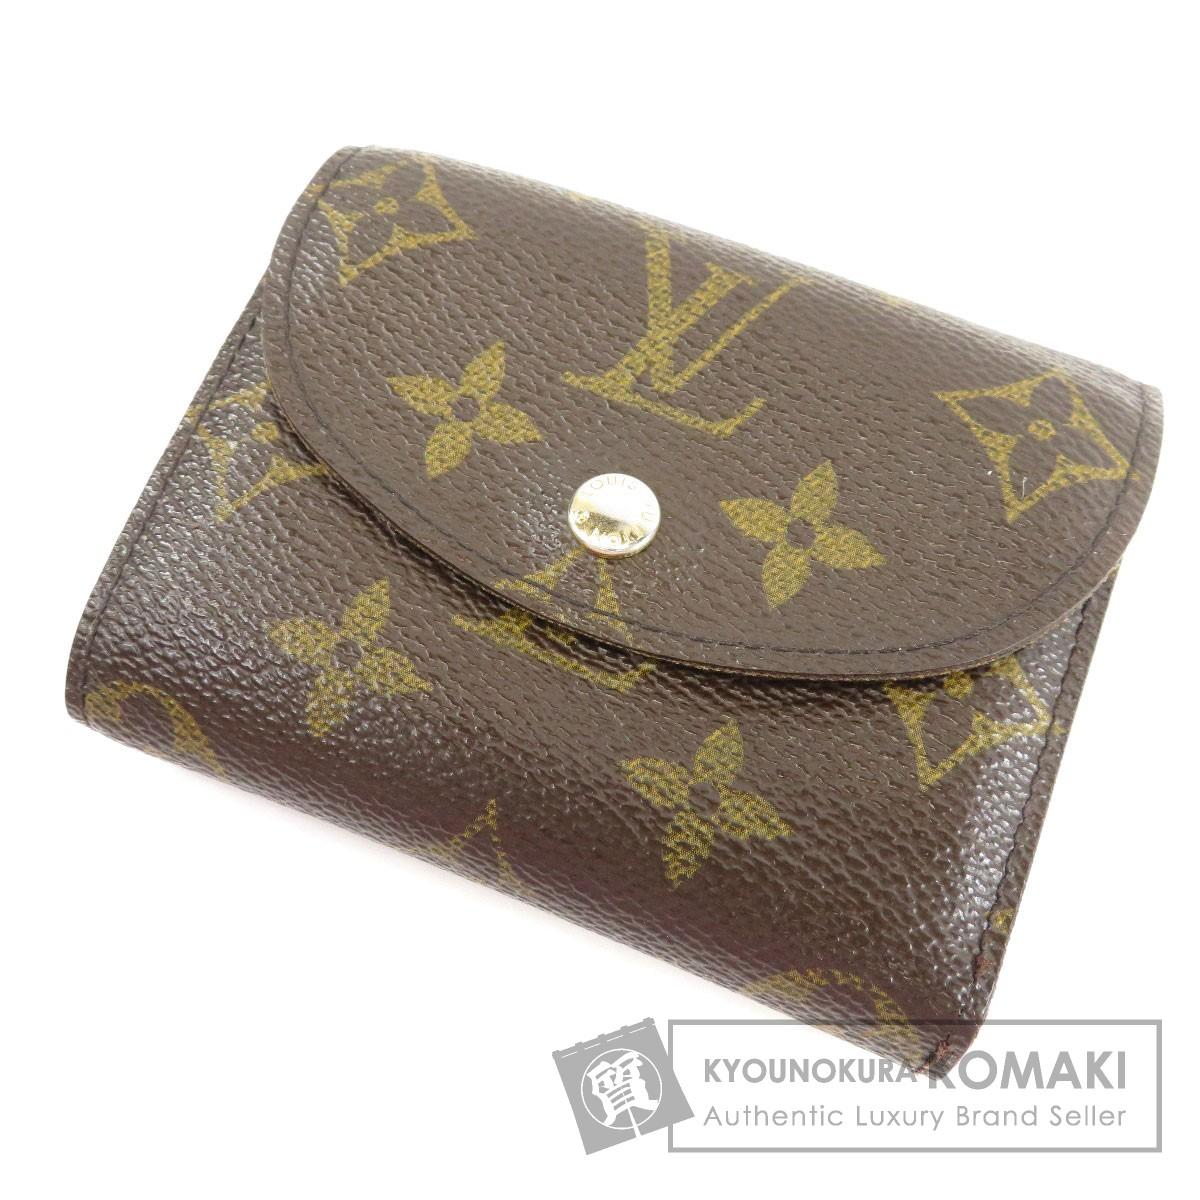 LOUIS VUITTON M60253 ポルトフォイユ エレーヌ 二つ折り財布(小銭入れあり) モノグラムキャンバス レディース 【中古】【ルイ・ヴィトン】